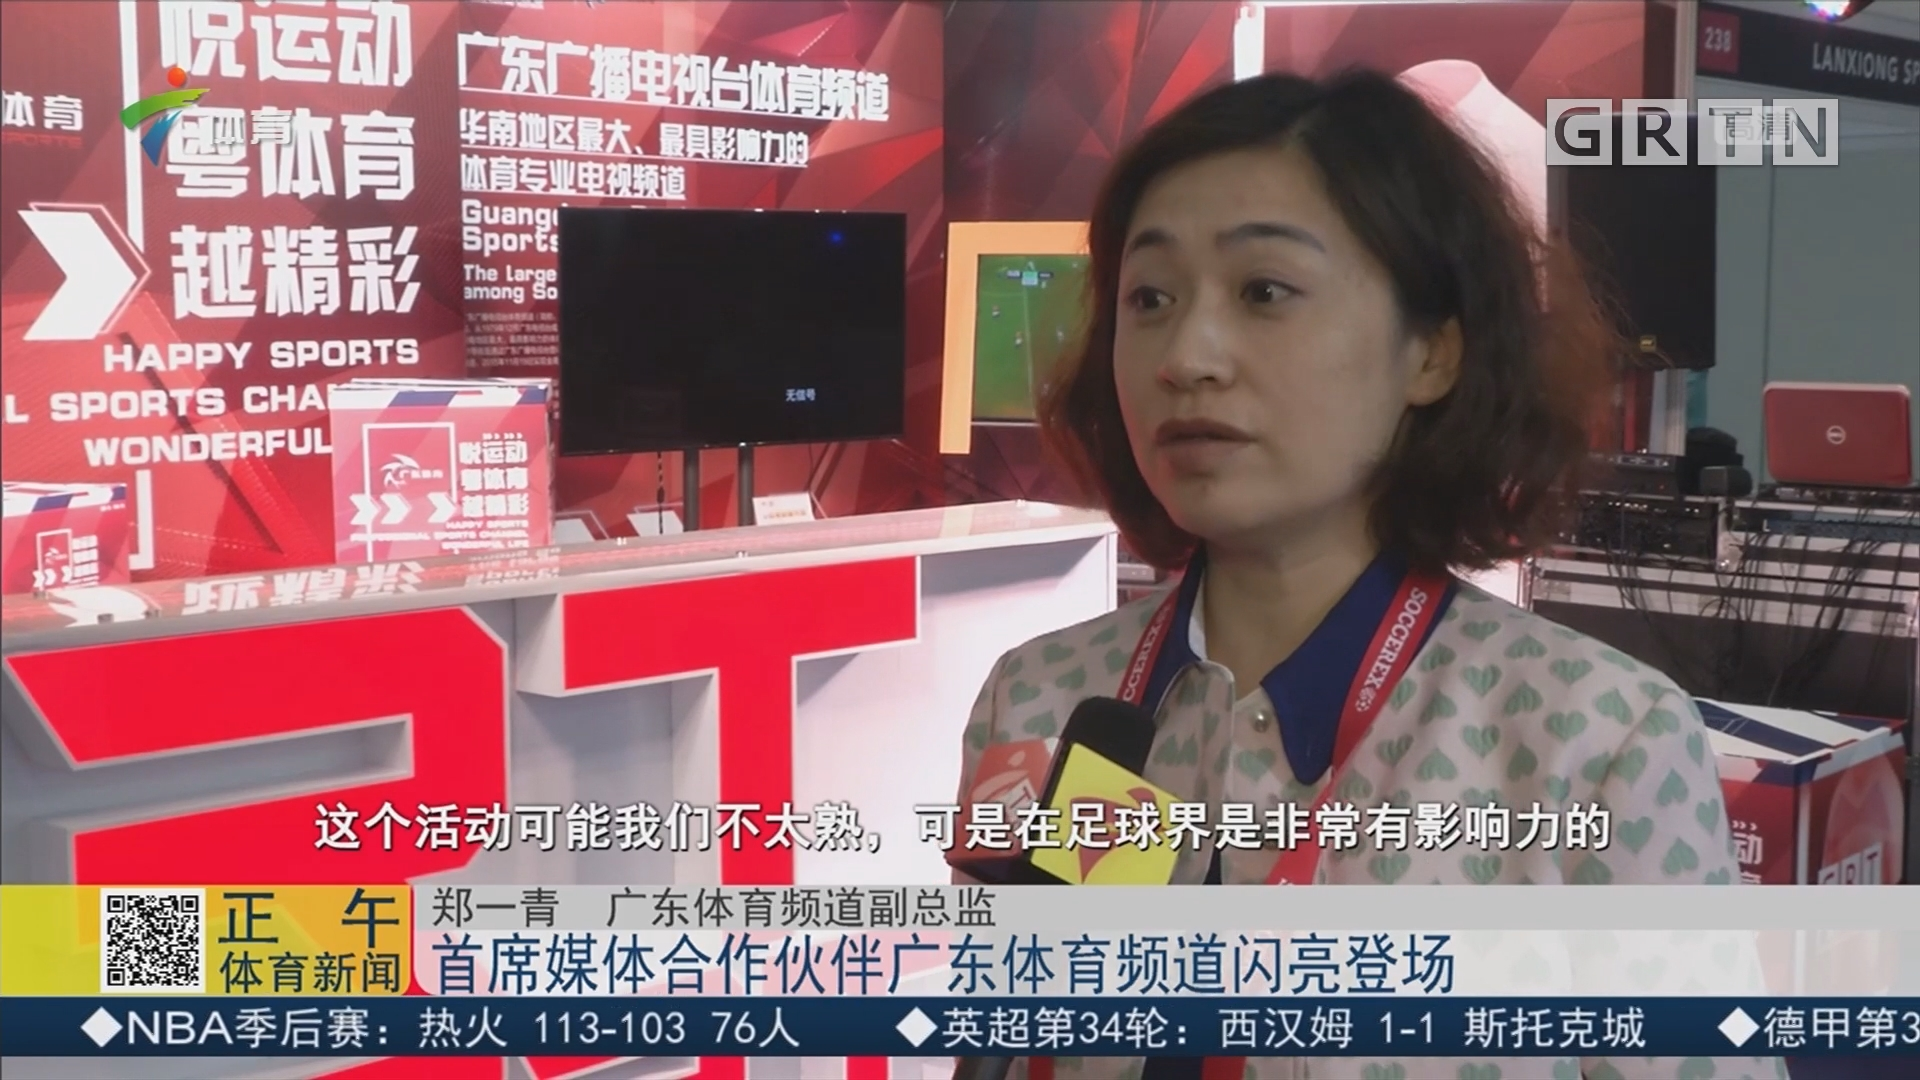 首席媒体合作伙伴广东体育频道闪亮登场